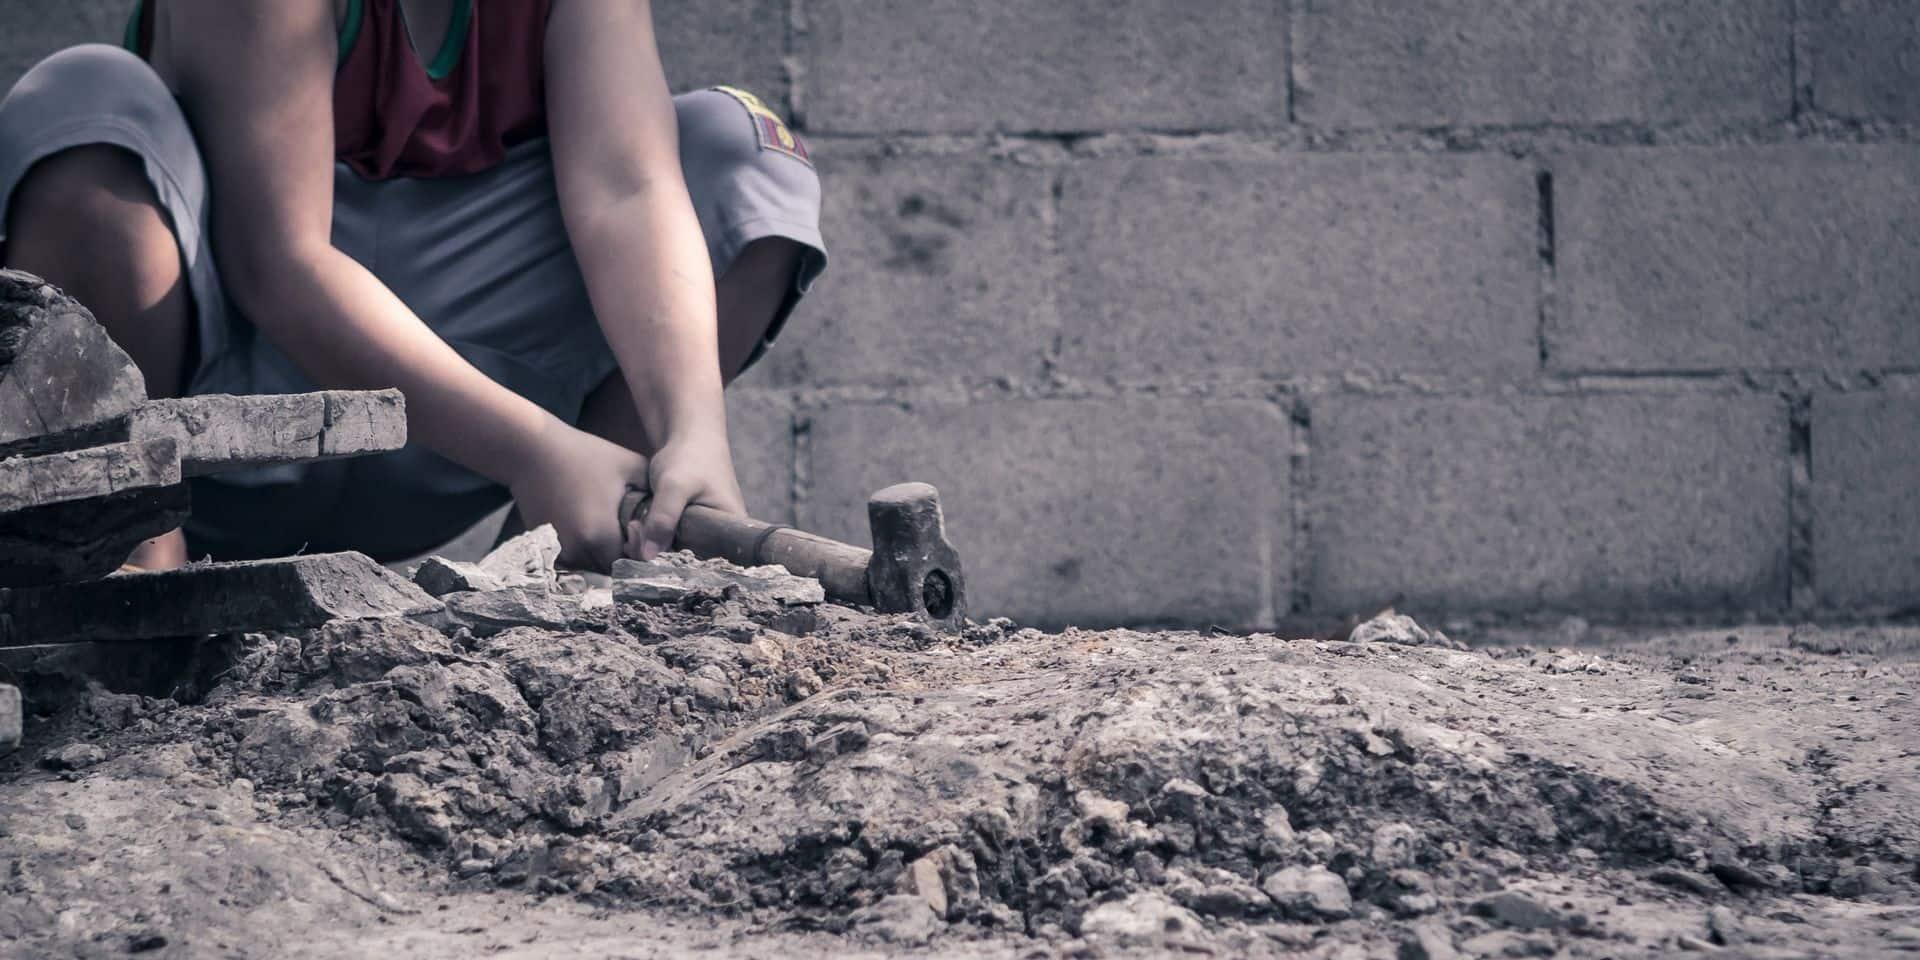 """Le travail des enfants augmente pour la première fois en deux décennies: """"Un cri d'alarme"""""""